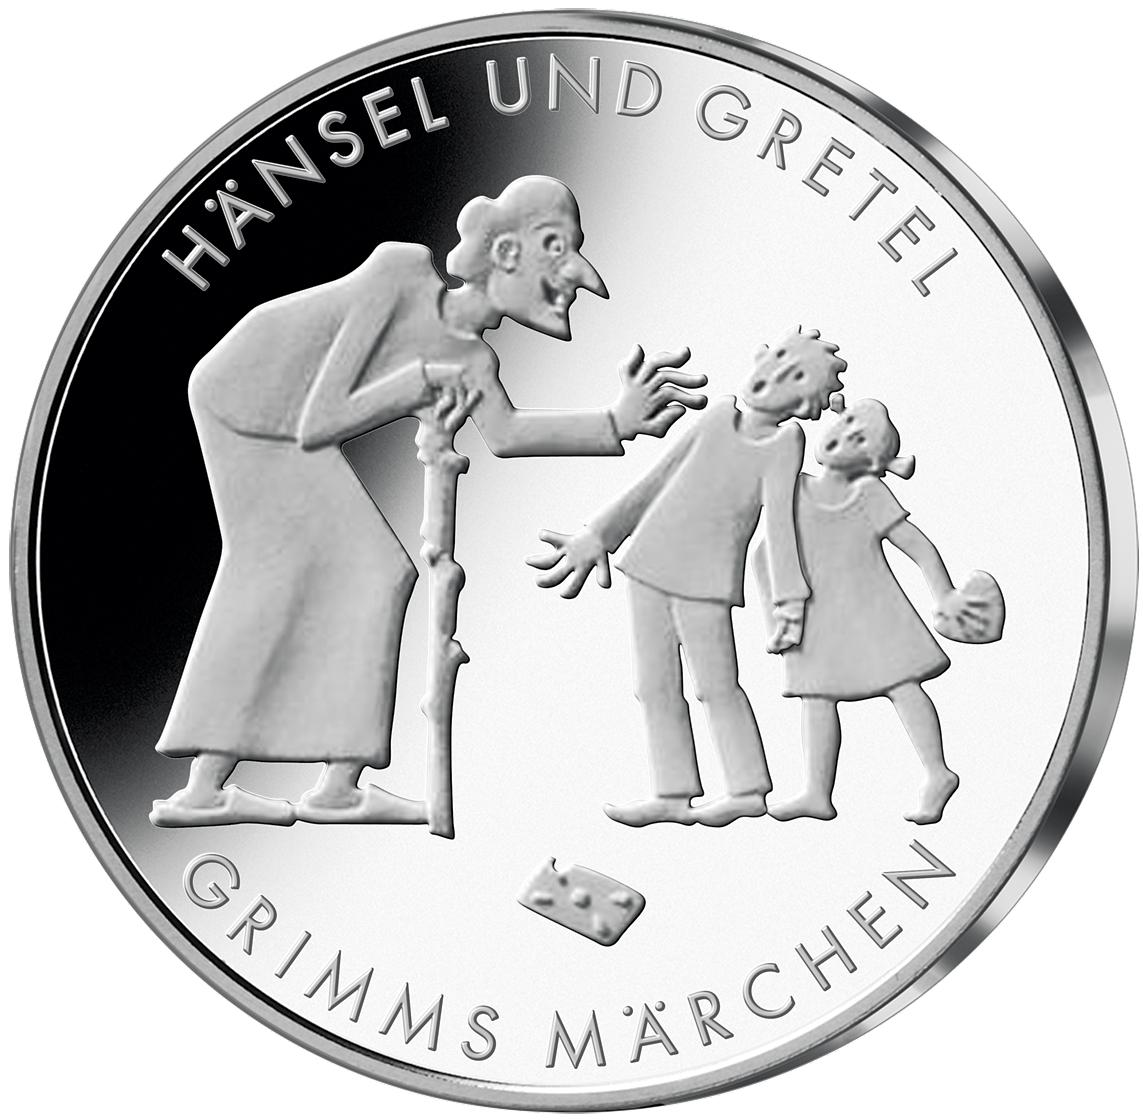 10 Euro Münze Hänsel Gretel Brd 2014 Münzen Günstigerde